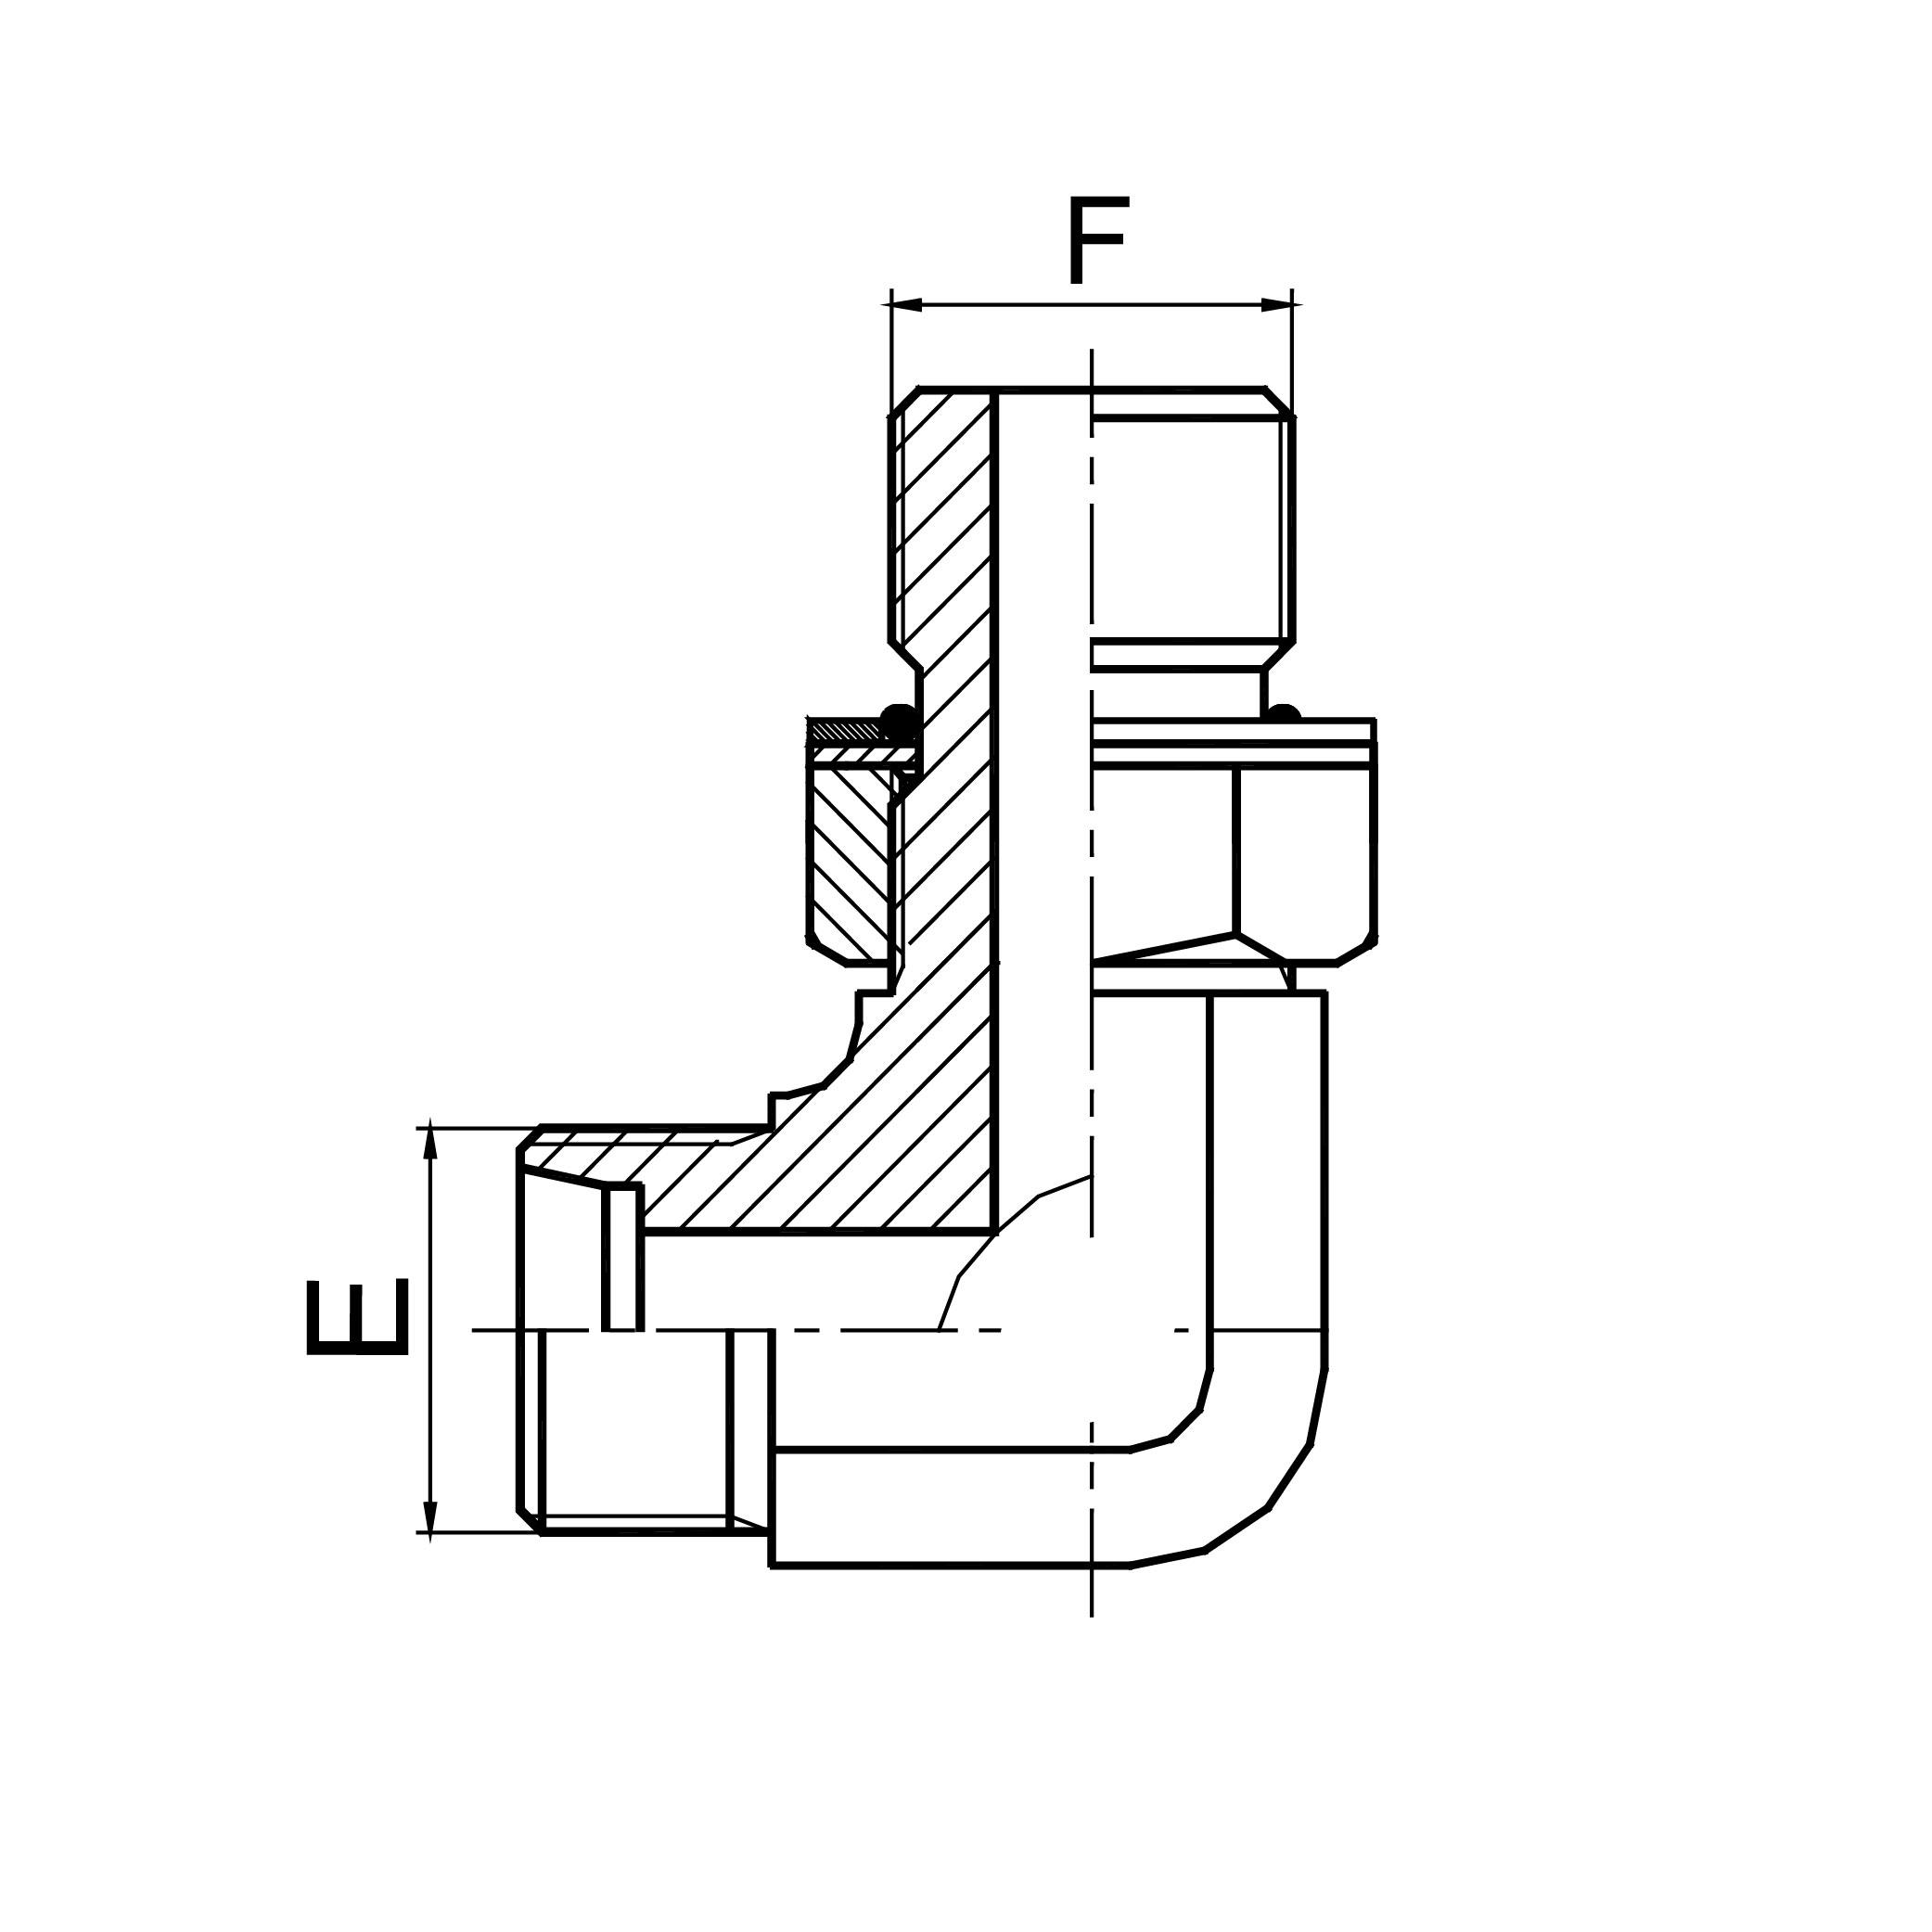 90°弯英管螺纹可调向O形圈密封柱端 1CG9-OG/1DG9-OG